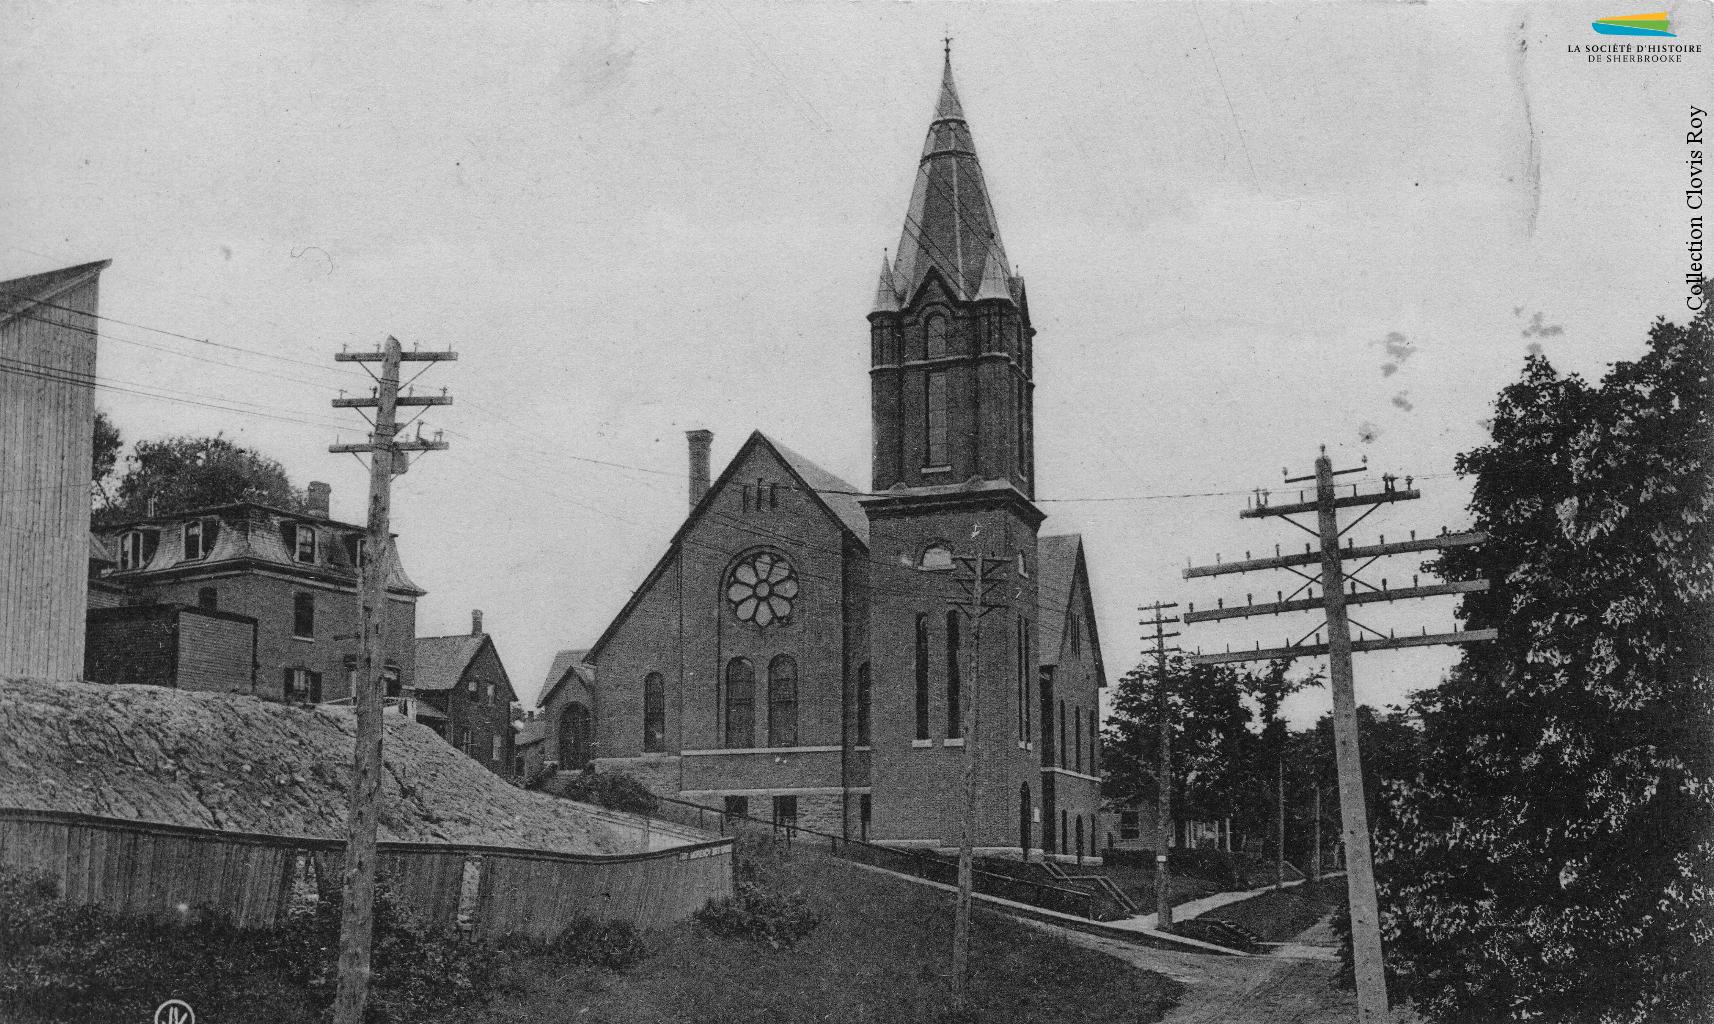 L'église presbytérienne écossaise St. Andrew's, située au coin des rues Frontenac et Peel, vers 1905. Construite en 1888, elle est démolie en 2000 après avoir été très endommagée par un ouragan en 1999.